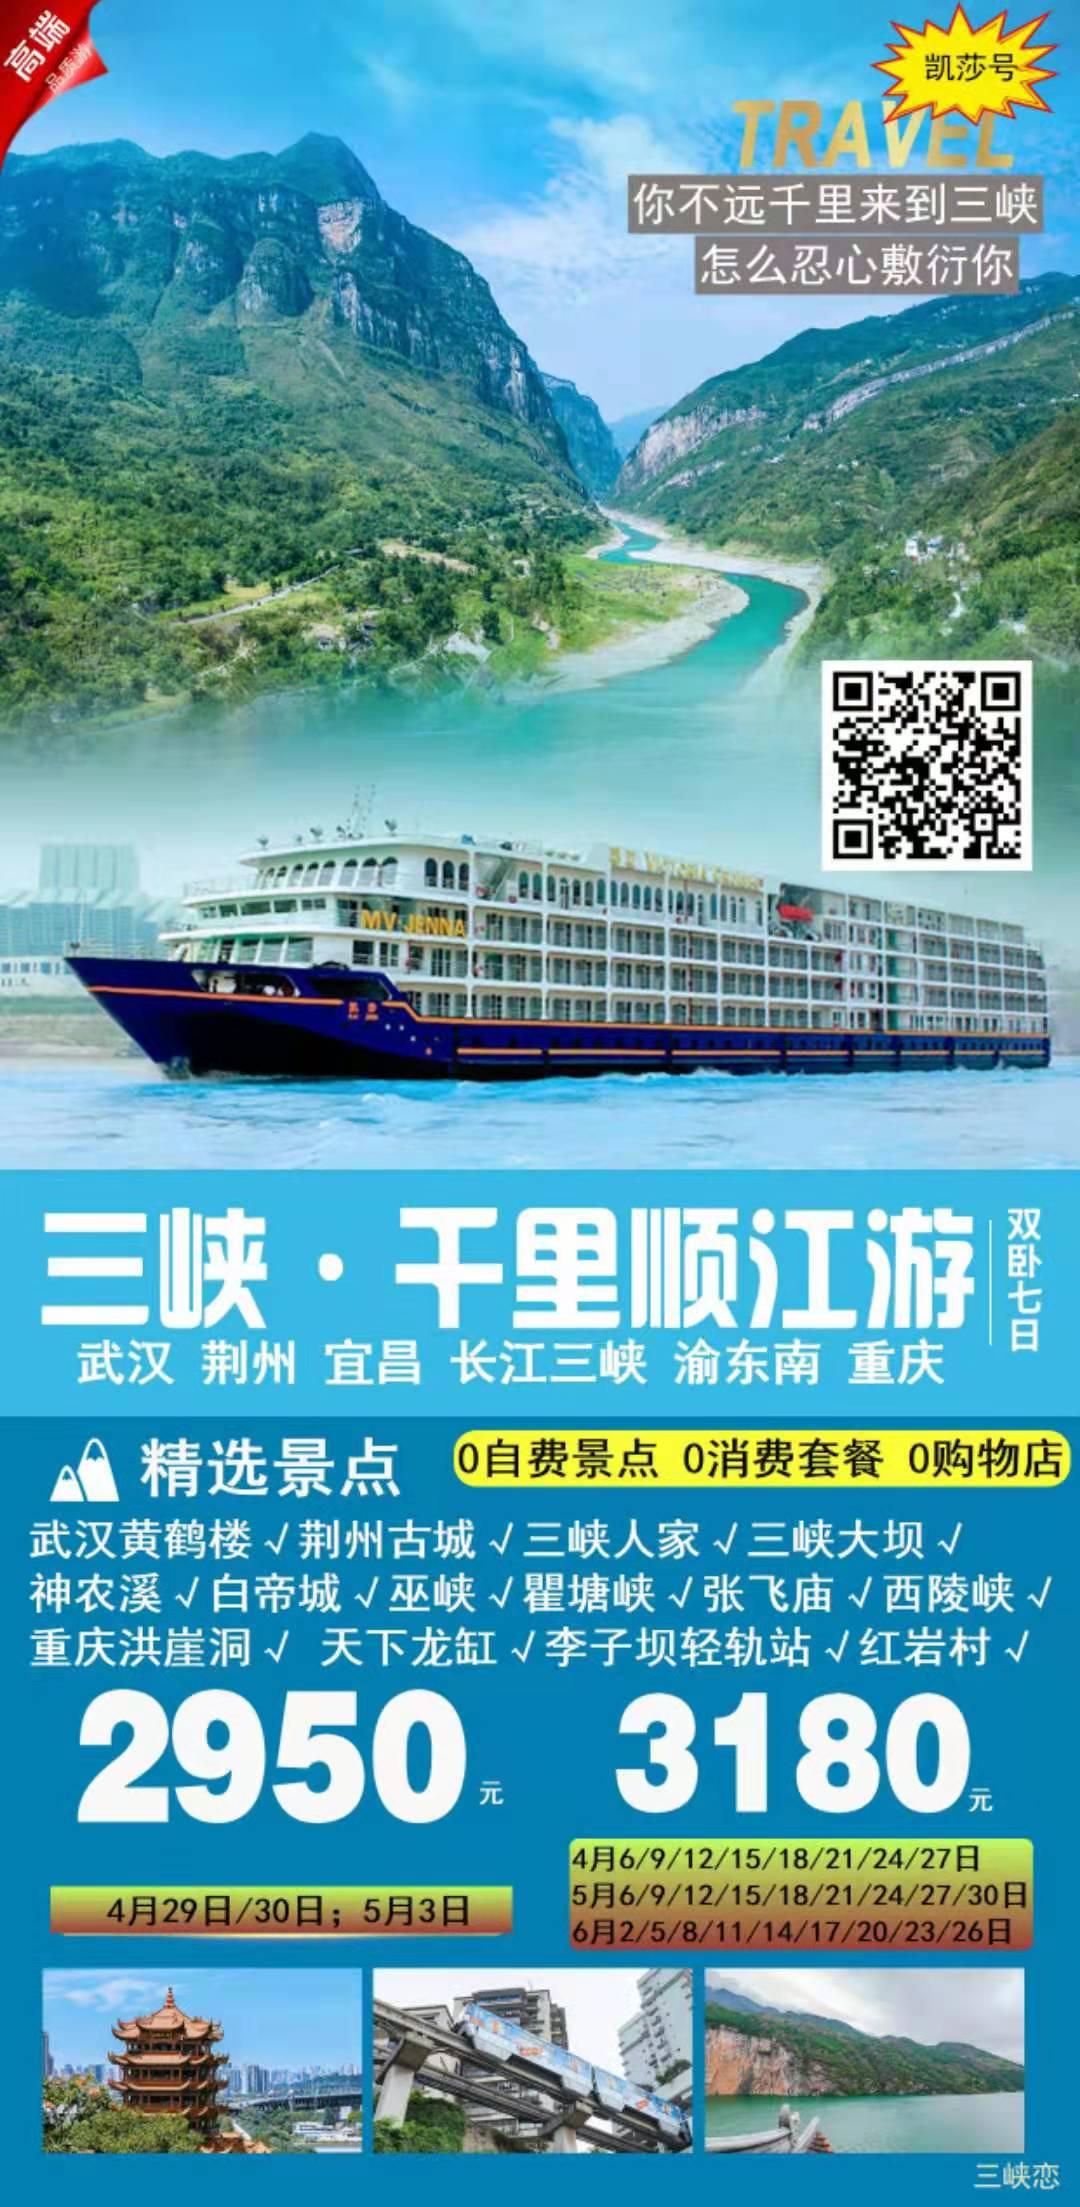 武汉游三峡